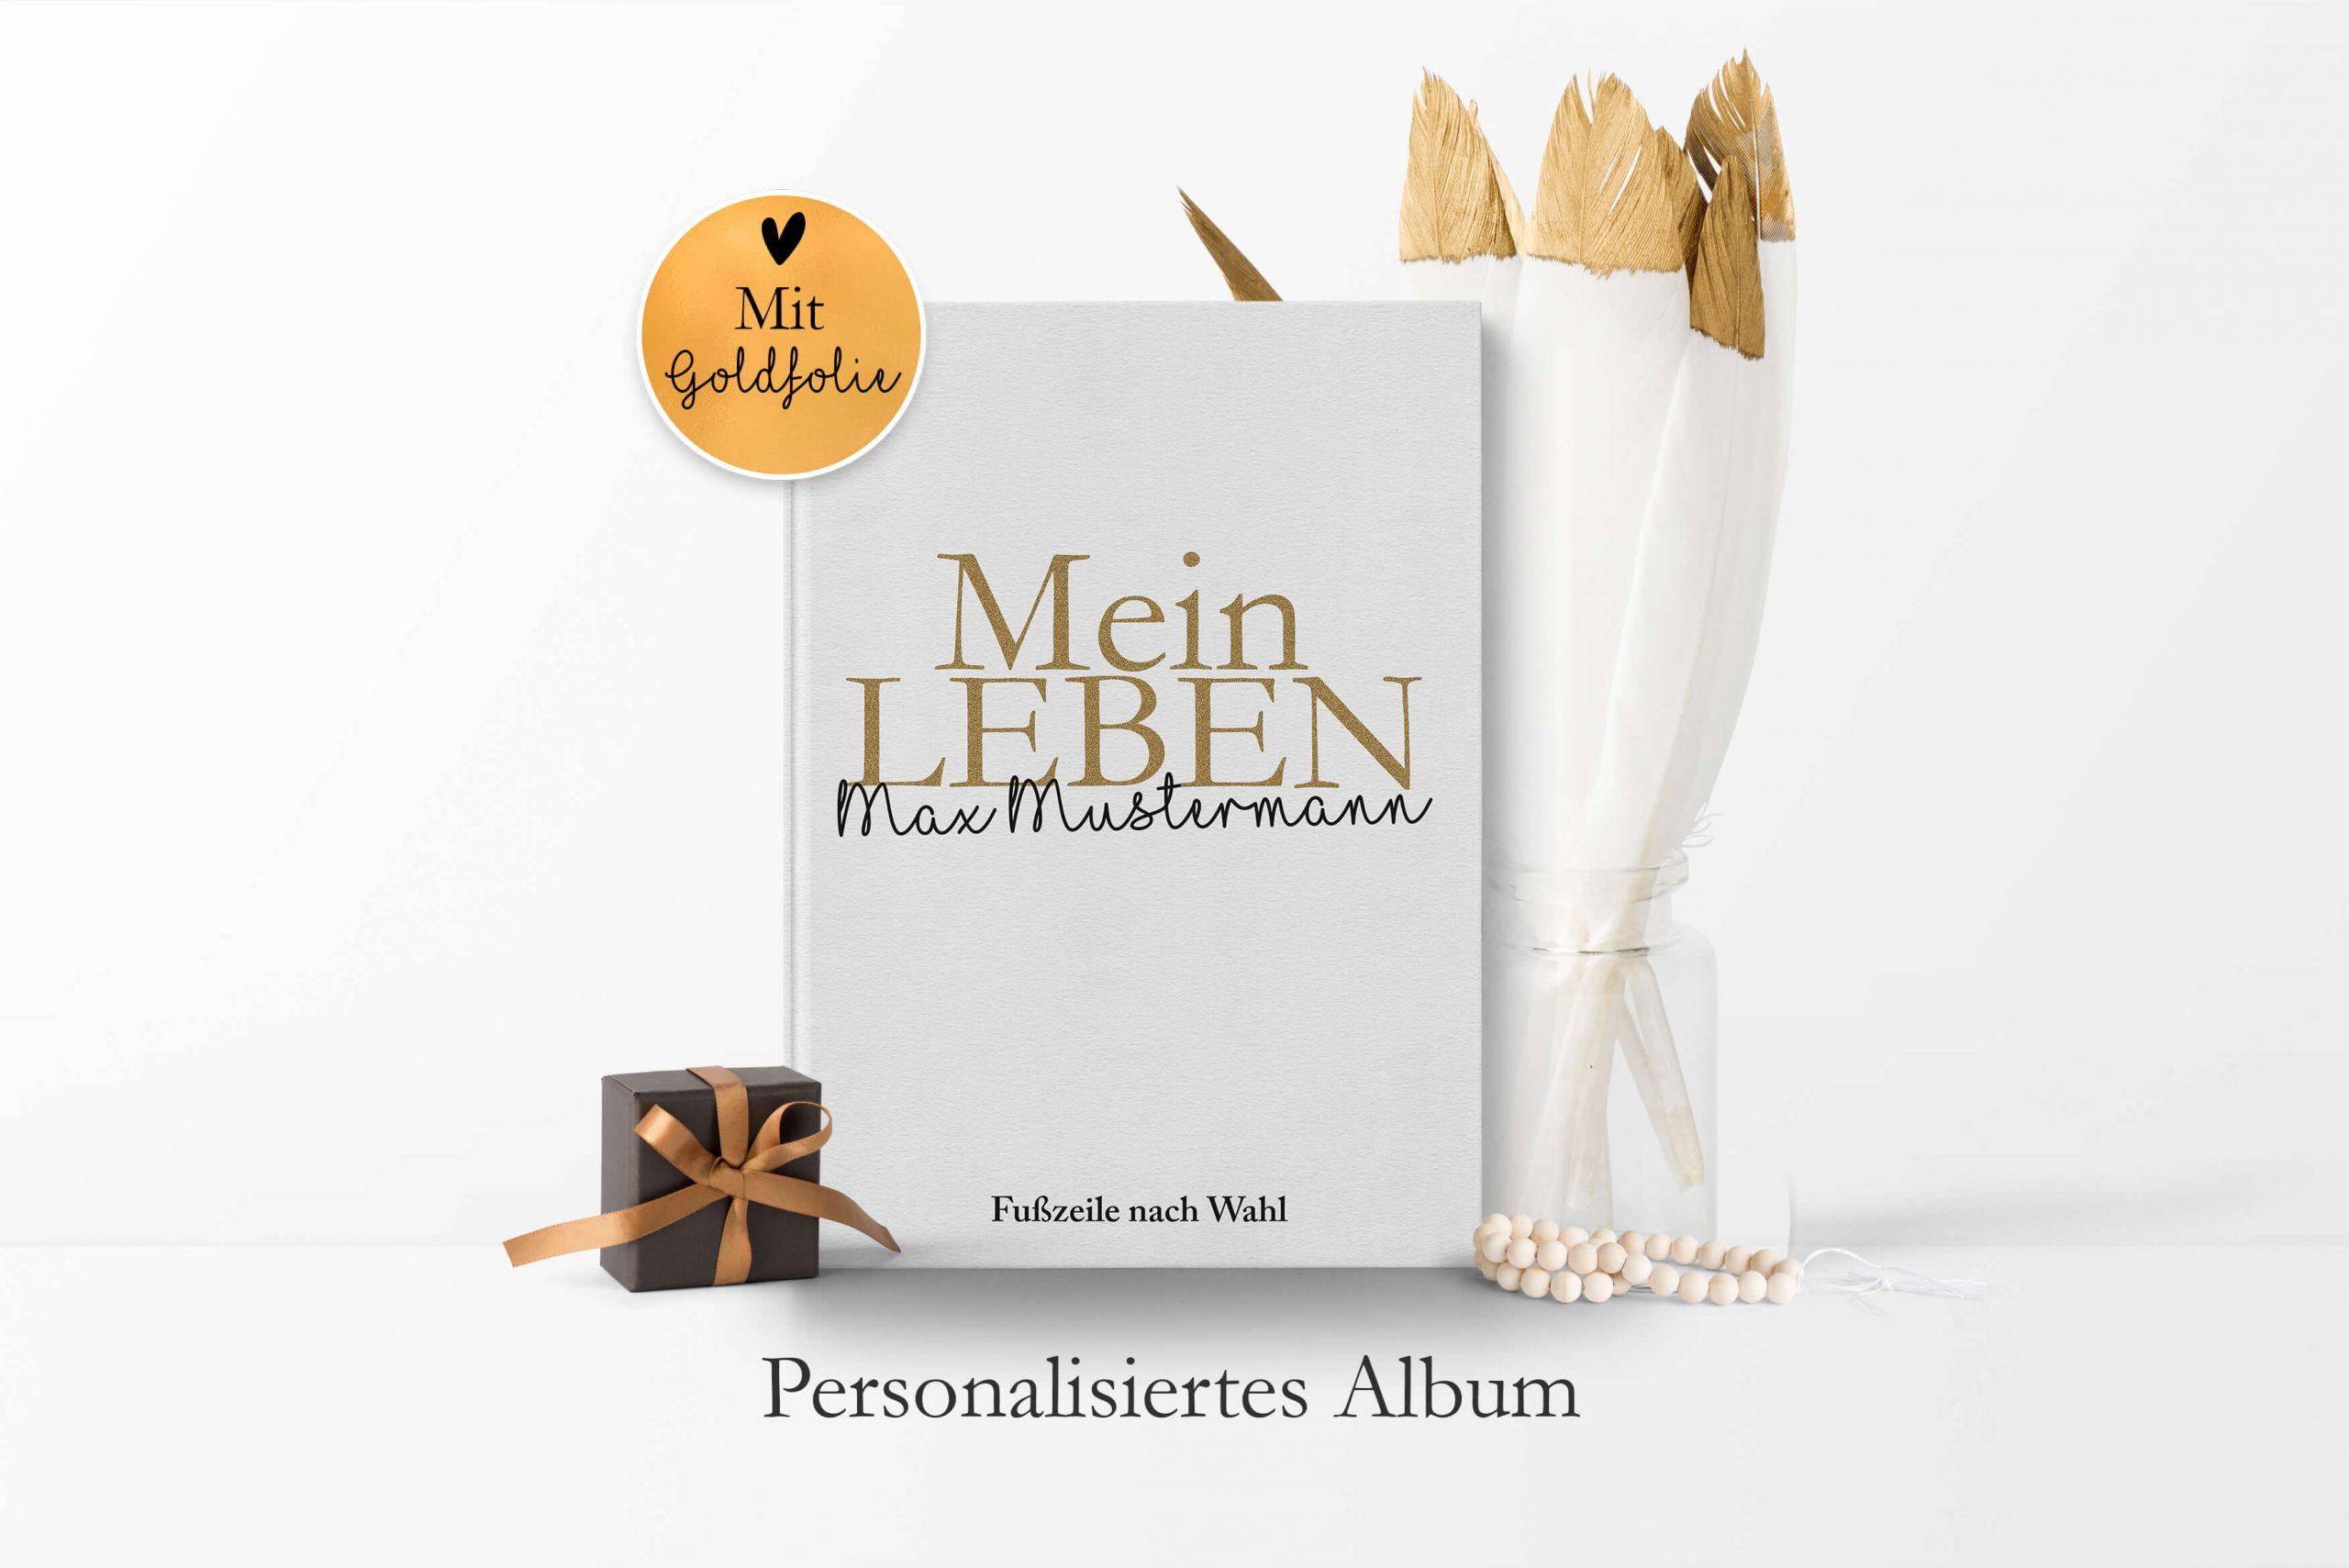 Personalisierte Geschenkbuchserie: PURE